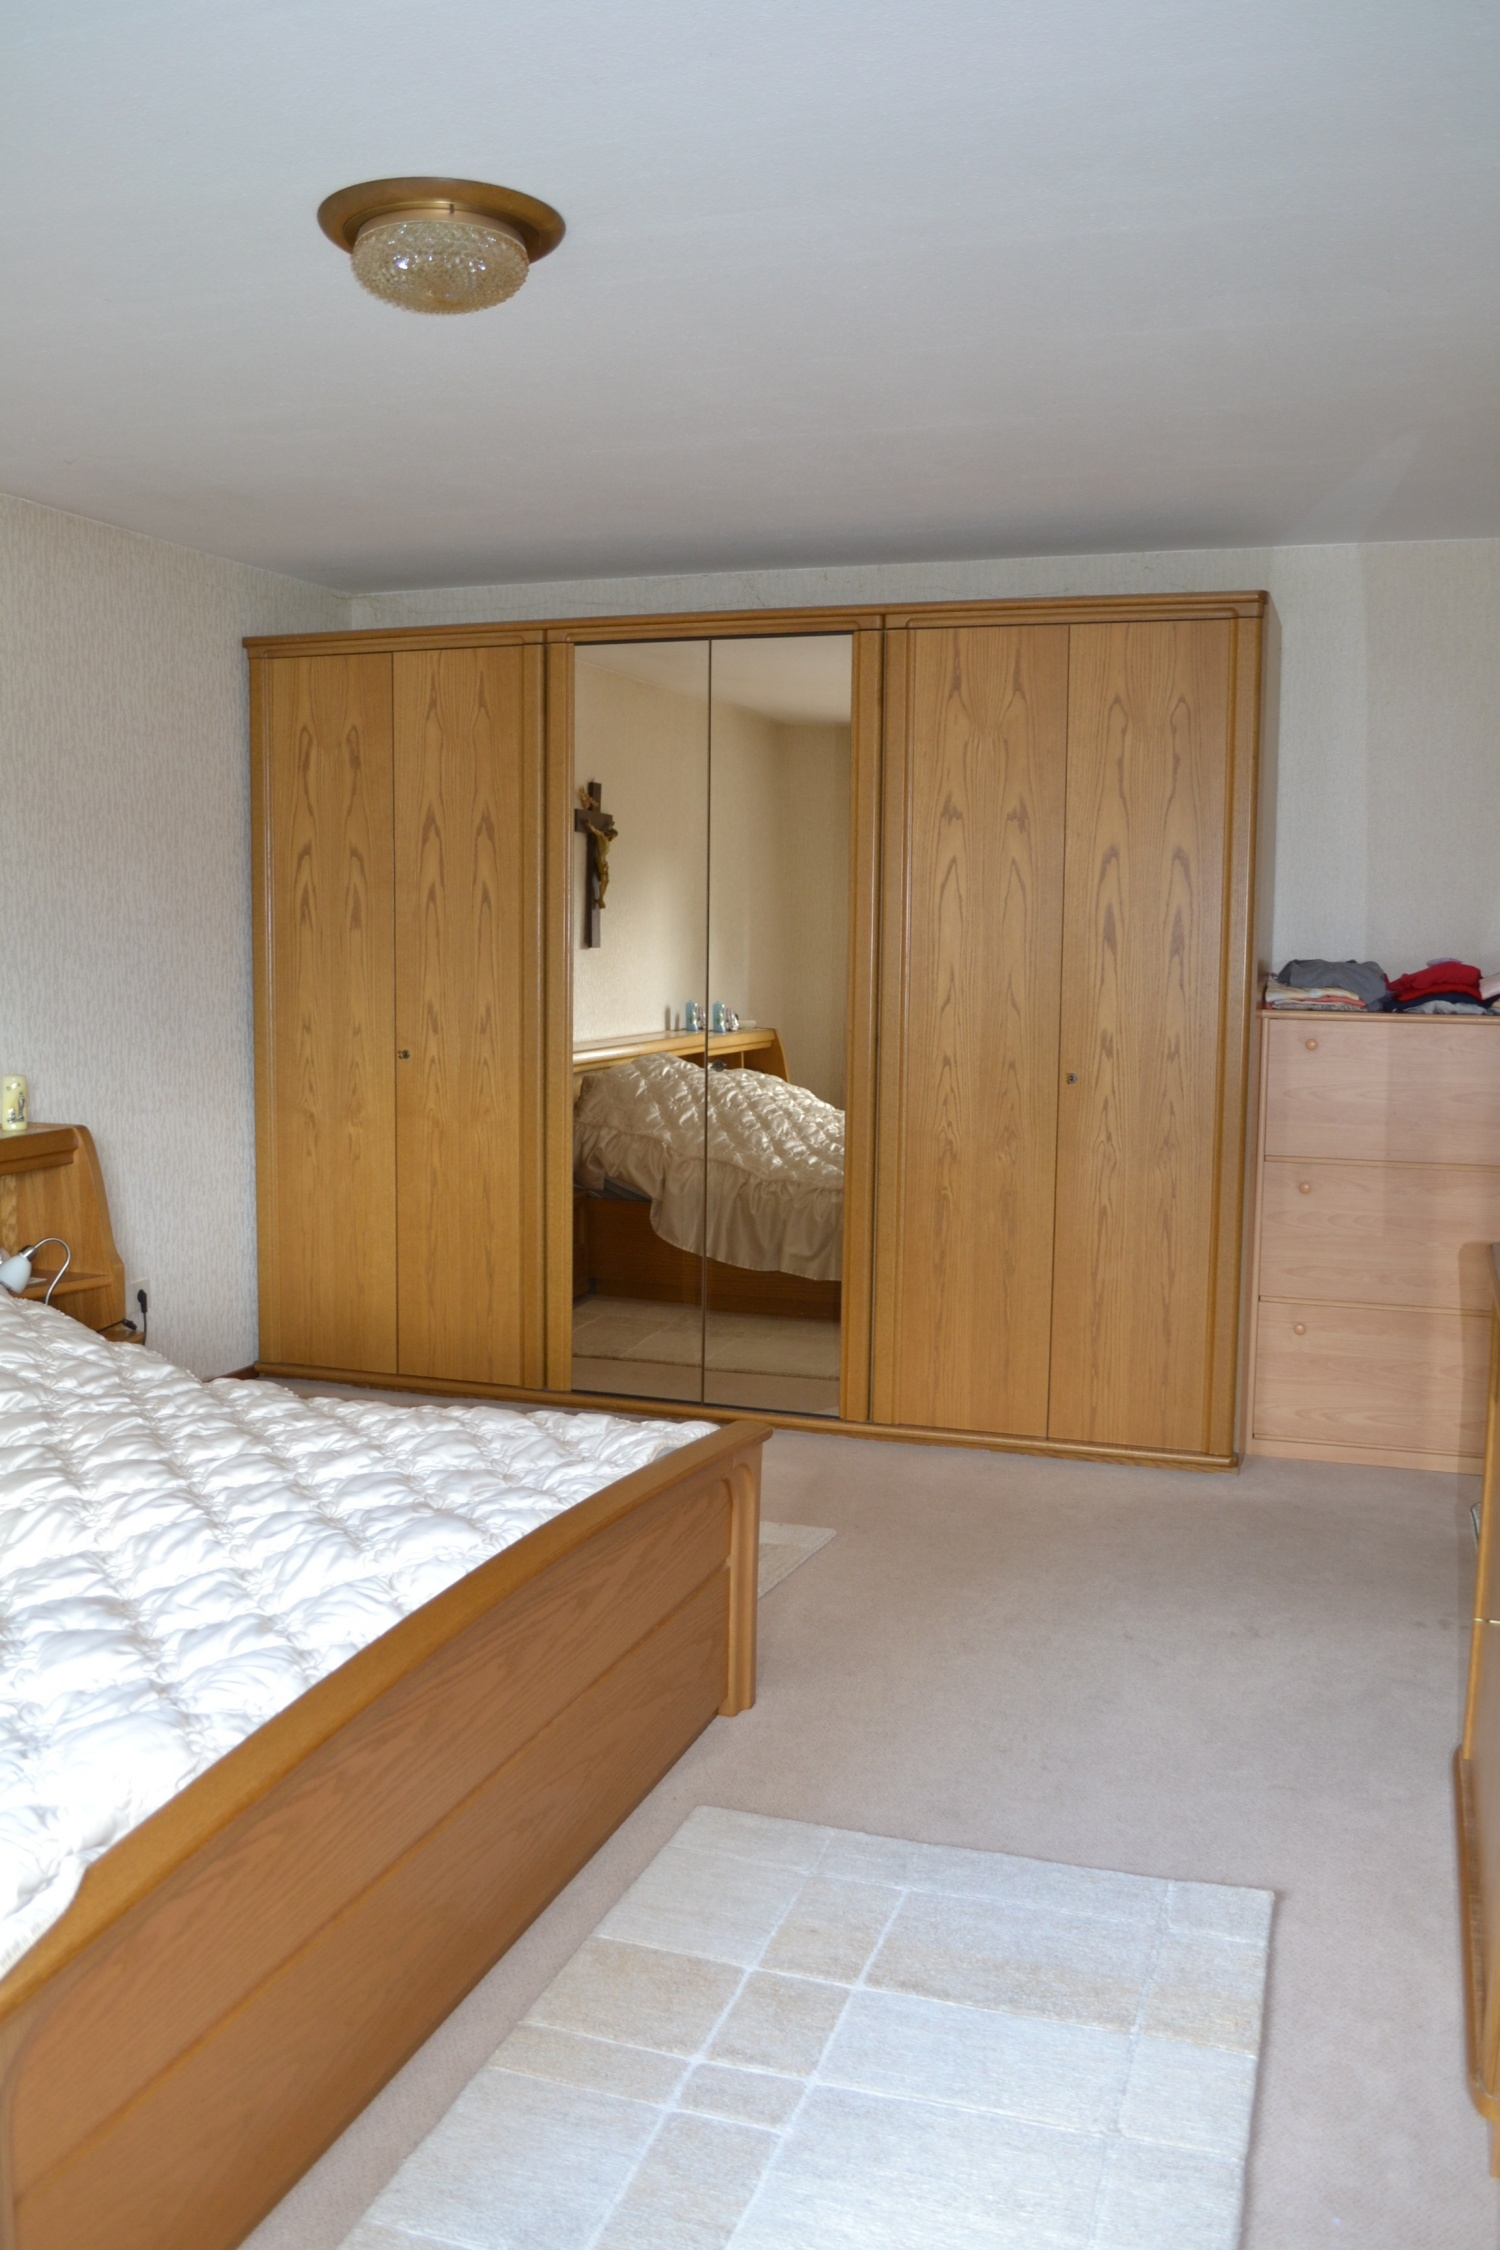 Schlafzimmer oben h (2)